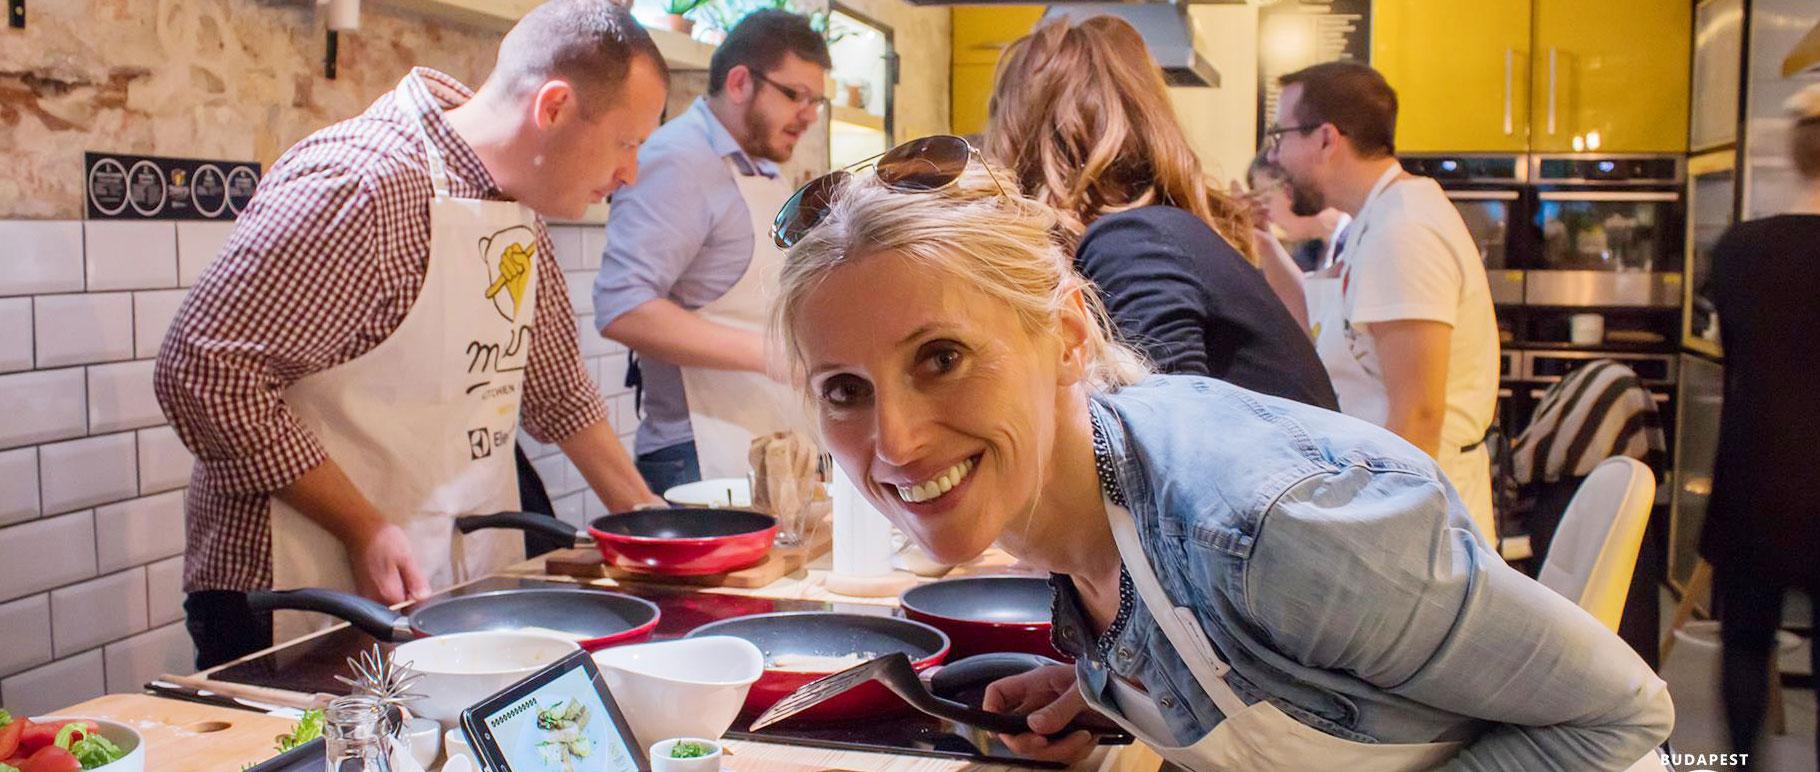 Budapest Makery, főzzetek finomat együtt ajándékkártya